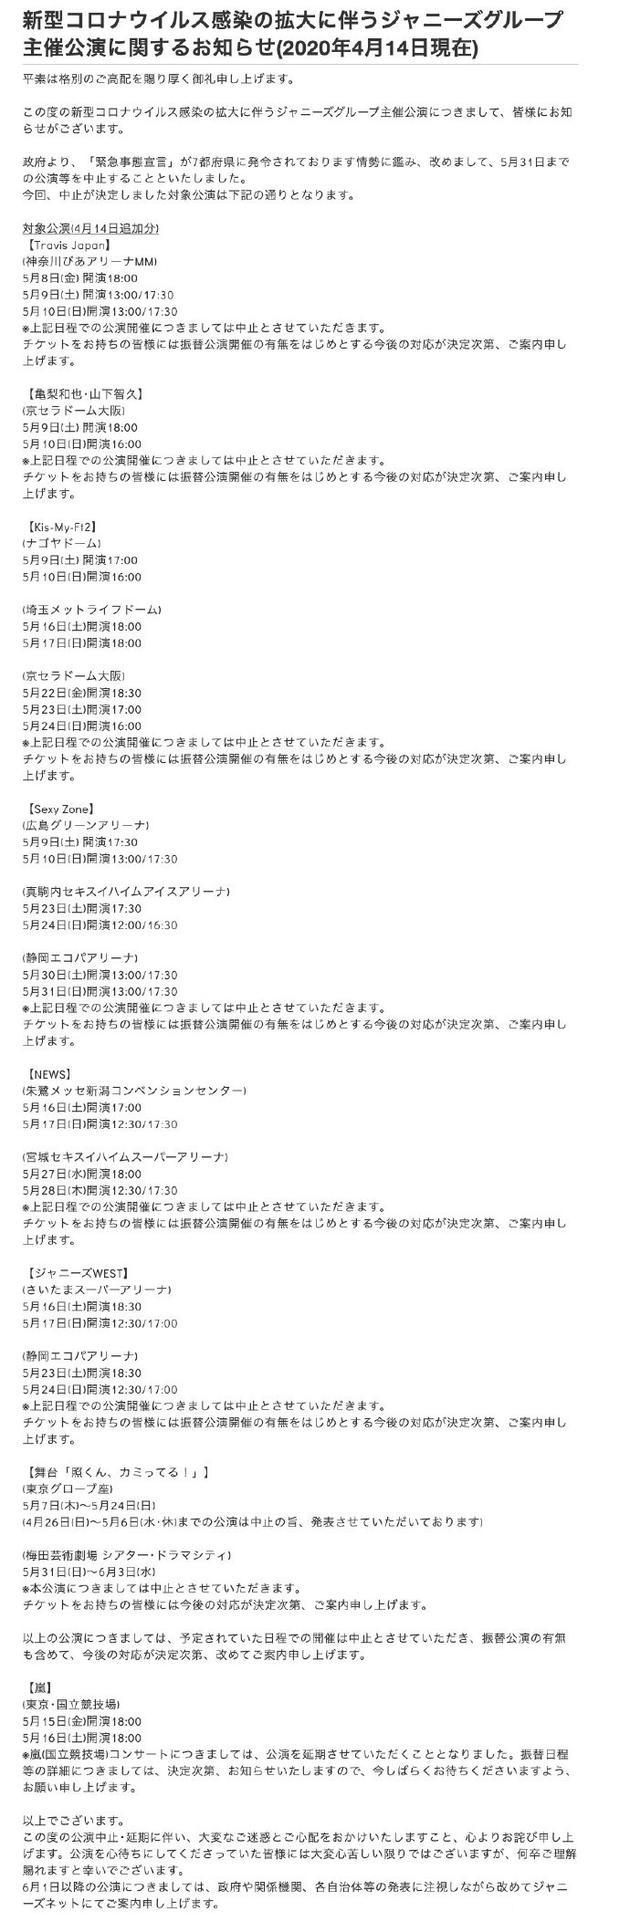 杰尼斯公演终止期限延迟到5月